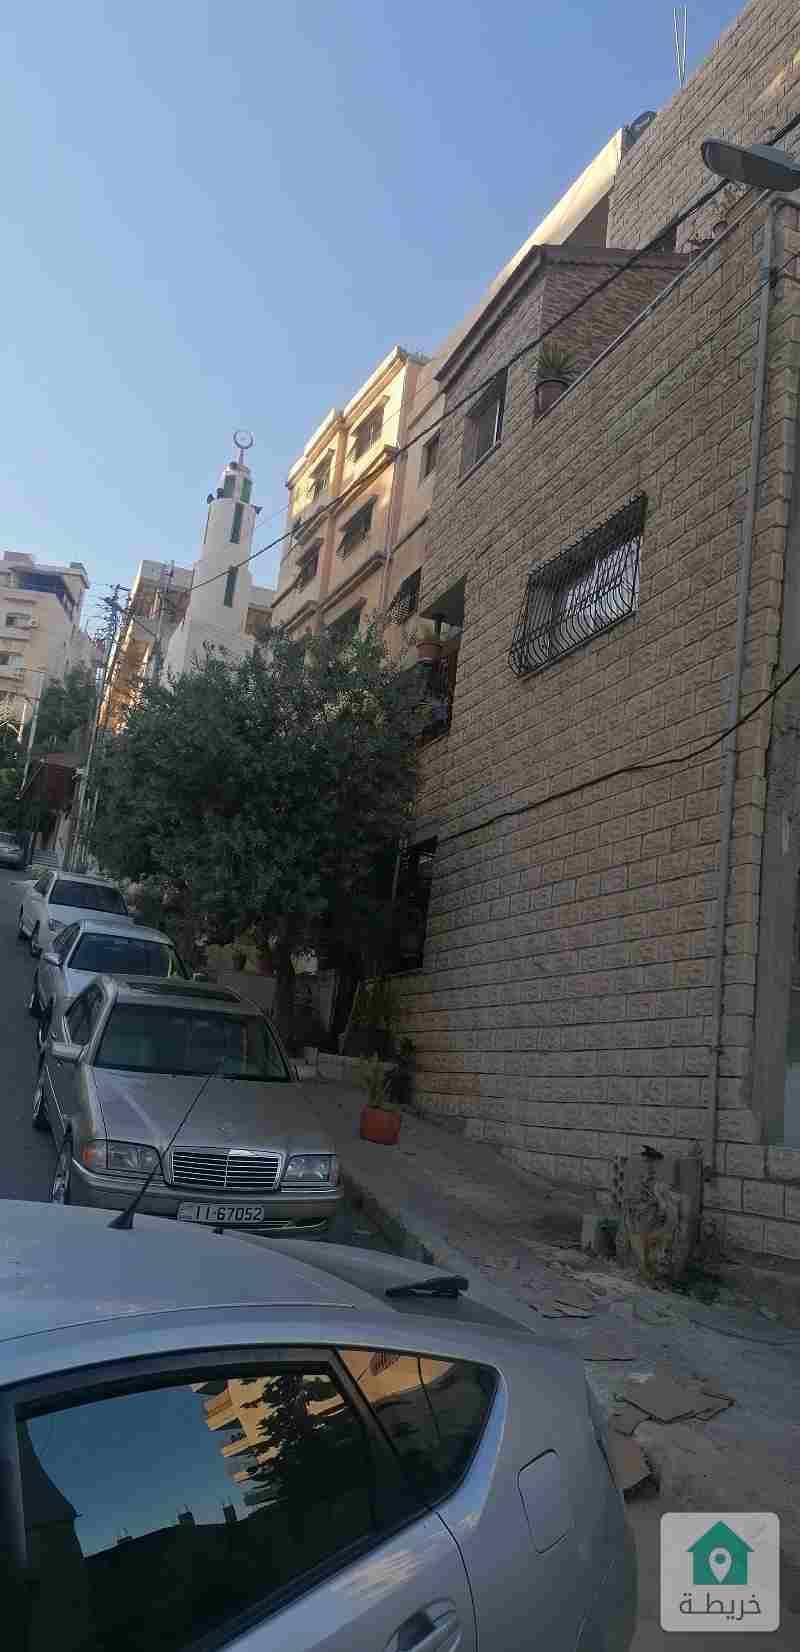 حي نزال | عمارة اربع طوابق للبيع